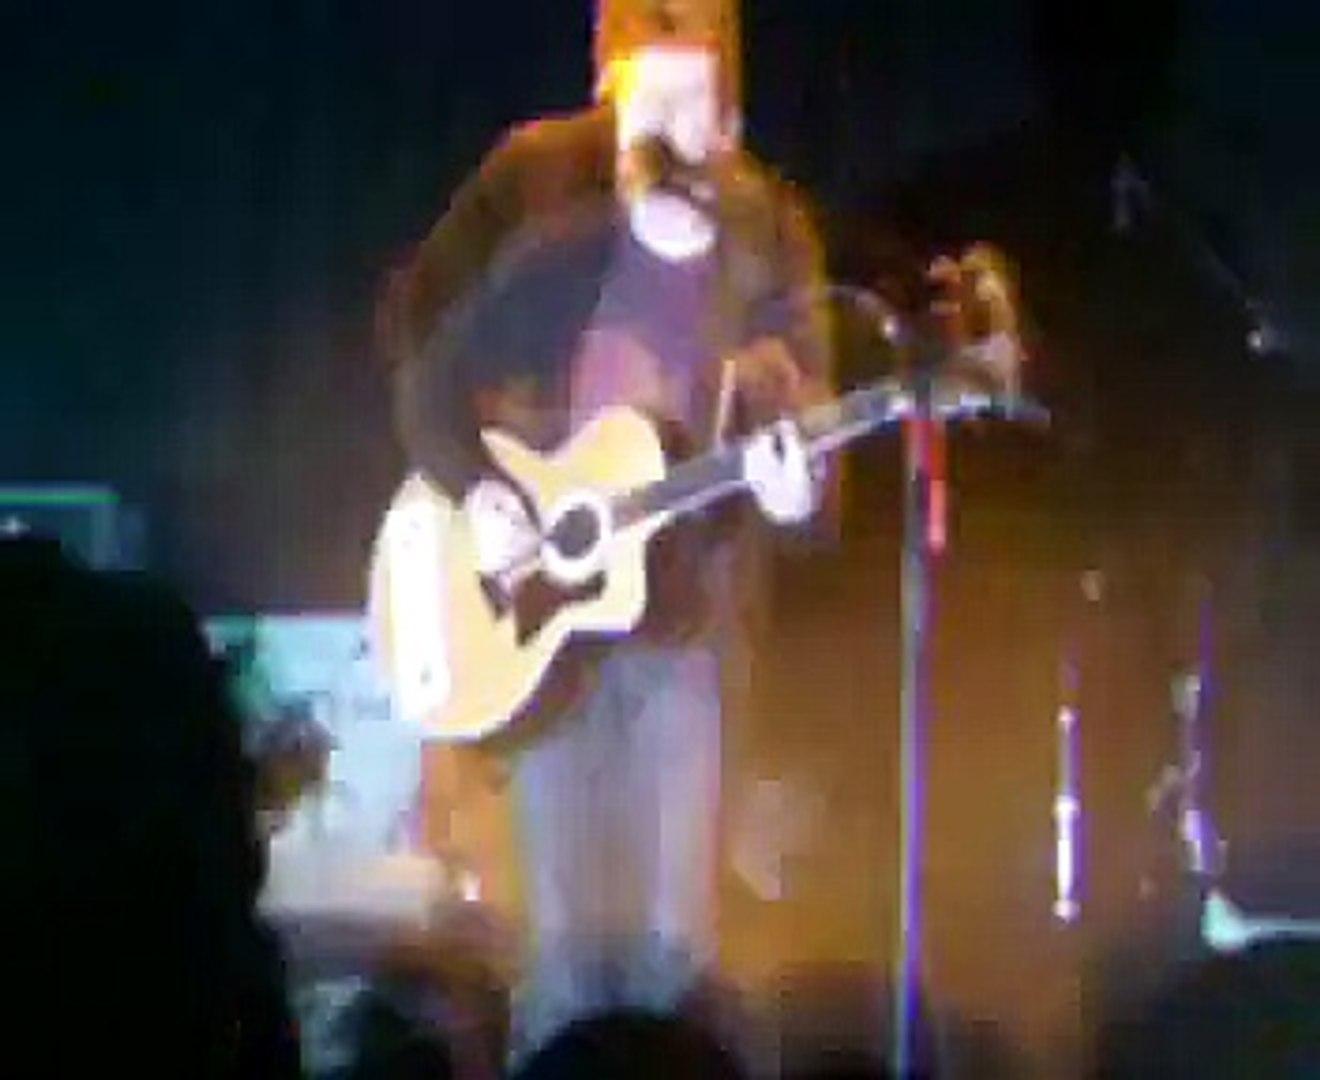 Brand New - Soco Ameretto Lime live in Tripod Dublin 15/2/07